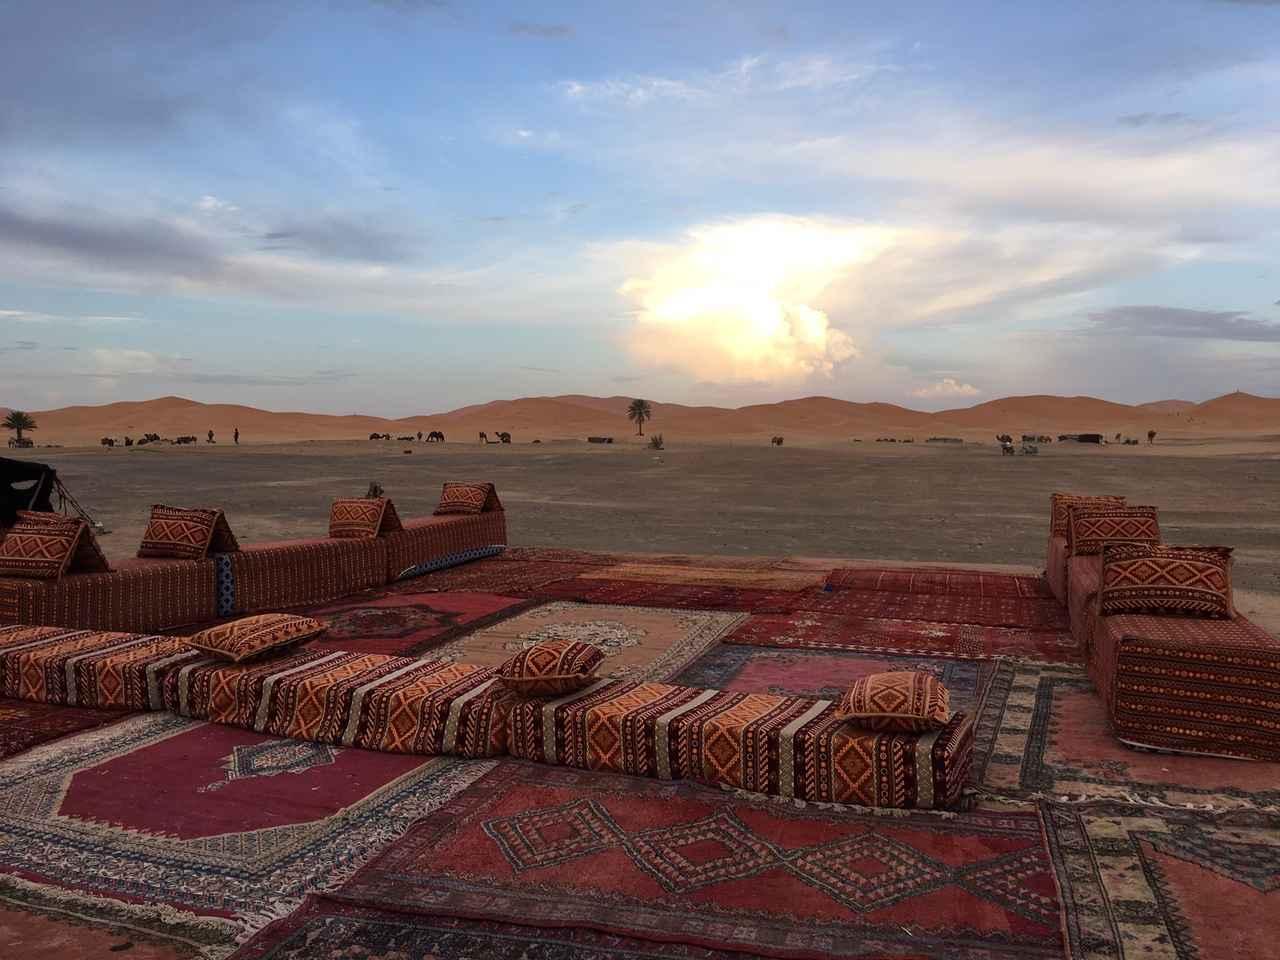 画像: 晩餐会会場はサハラ砂漠目の前!夜は静寂な大地にモロッコ音楽の音色とともにディナーをお楽しみください!